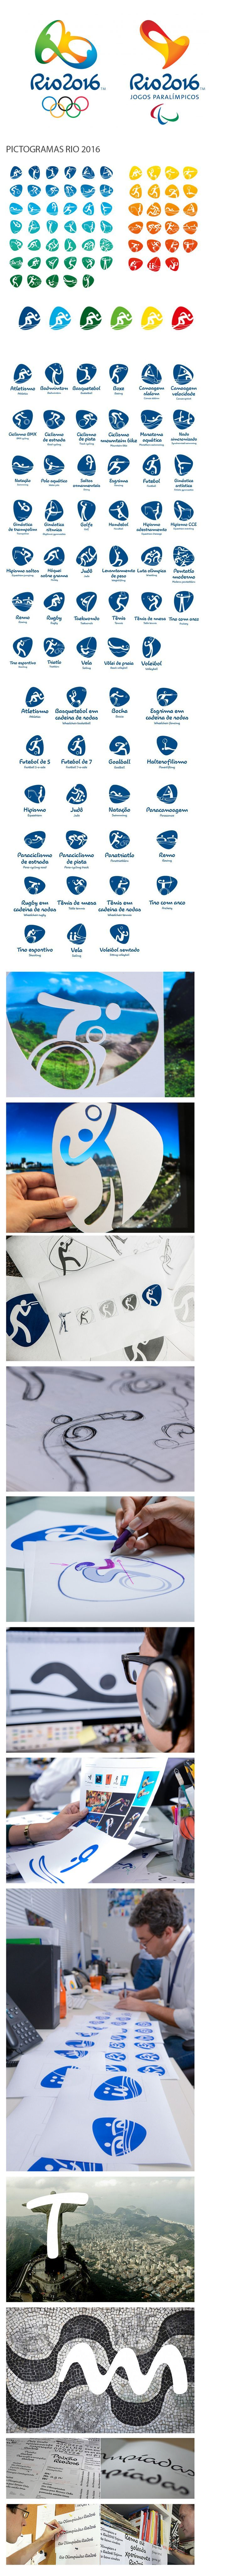 Olympic rings logo rio 2016 olympics logo designed by fred gelli -  Design Pictogramas Lan Ados Os Pictogramas Esportivos Para As Olimp Adas De 2016 No Rio